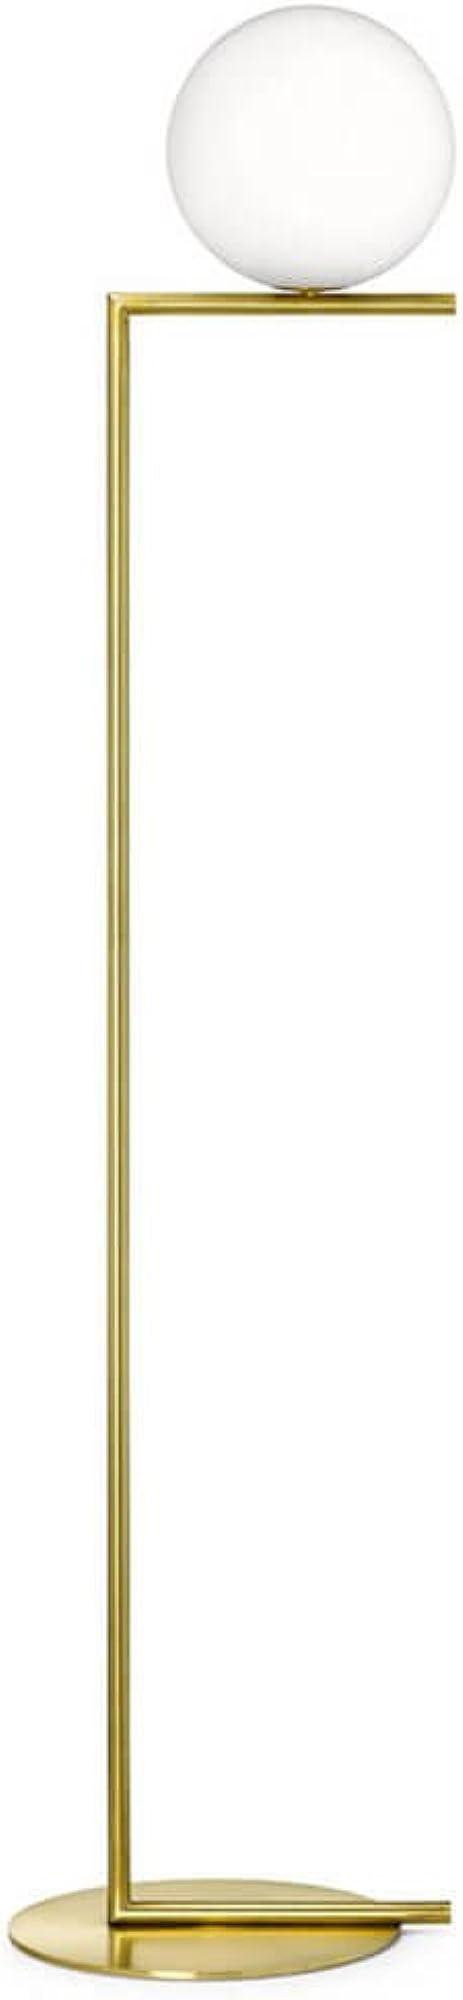 Flos ic f1 lampada  da terra a luce diffusa. telaio in ottone, spazzolato e verniciato trasparente. F3173059